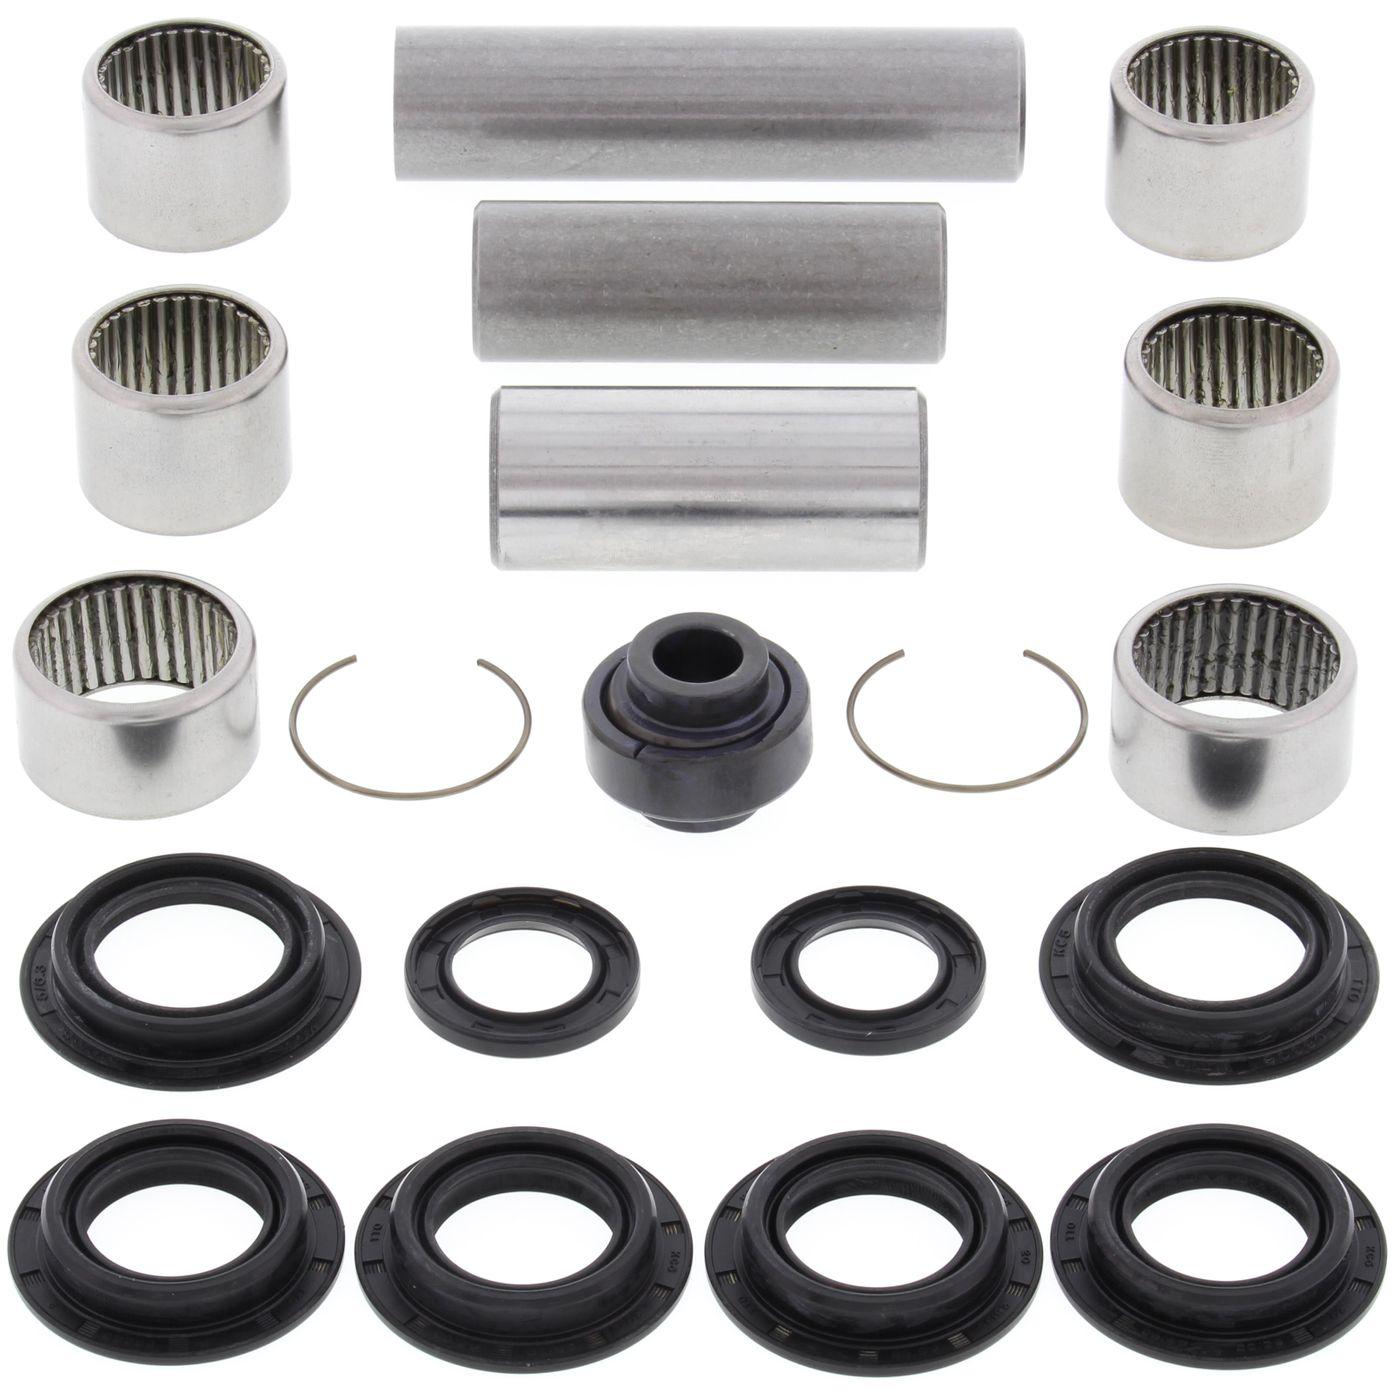 wrp shock linkage bearing kits - WRP271026 image